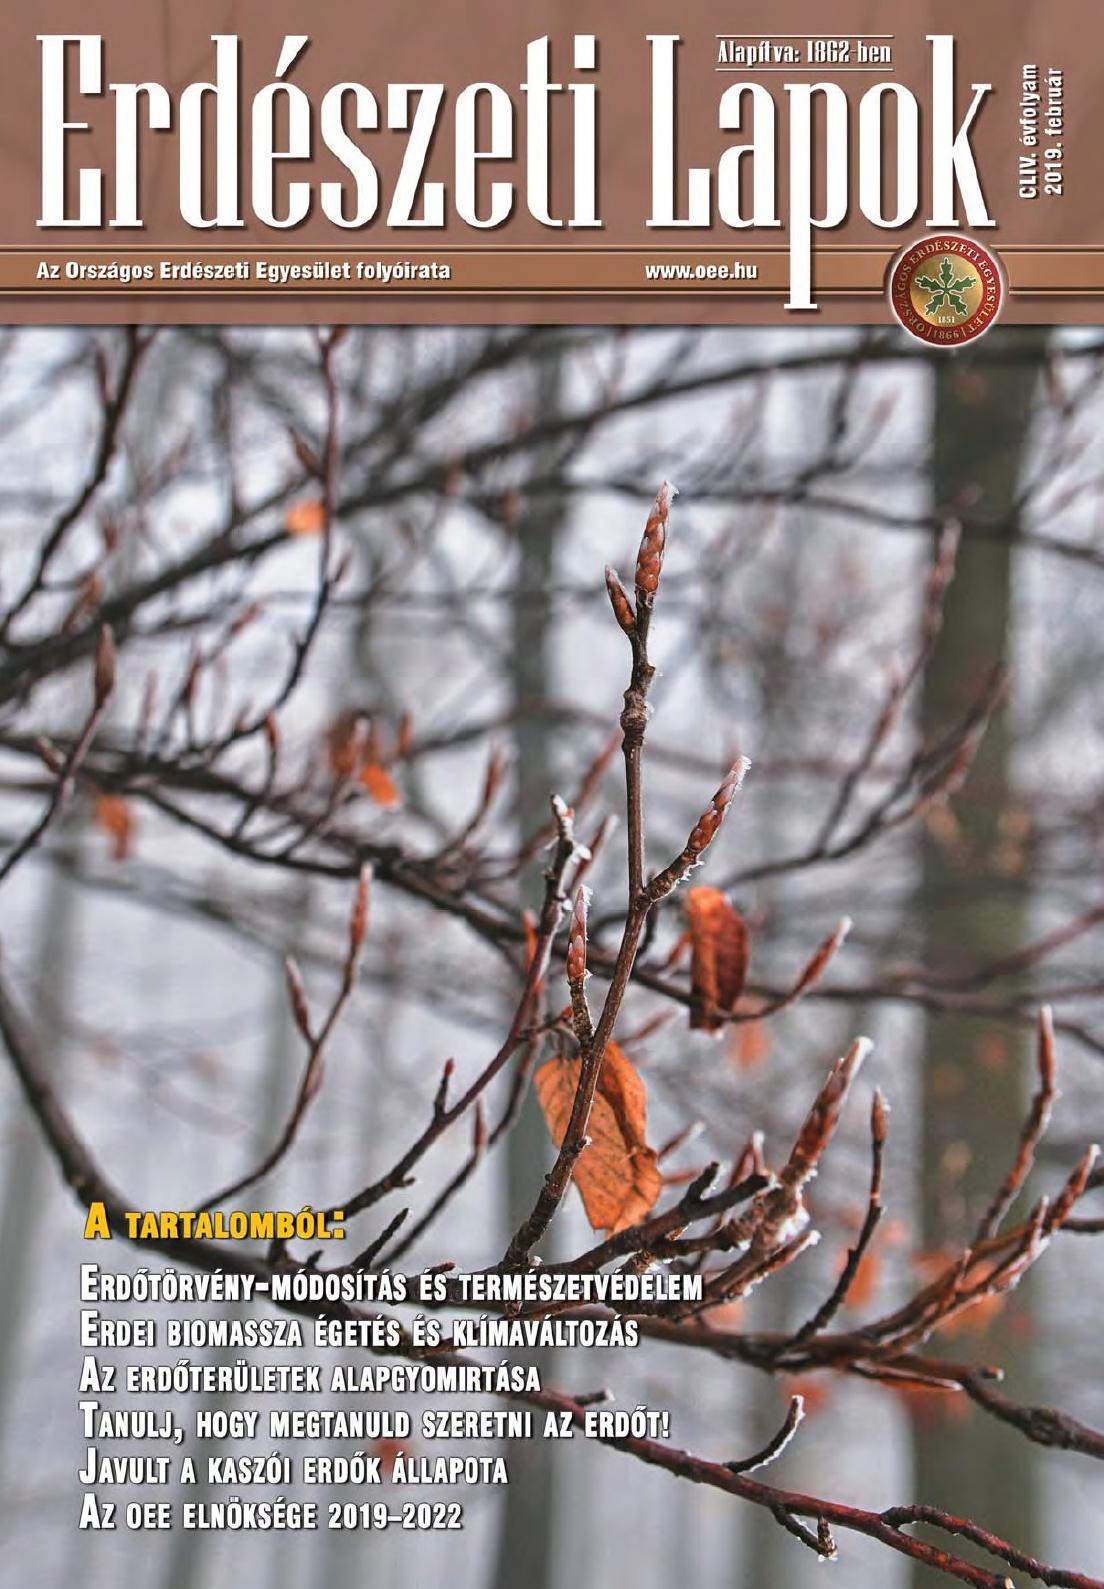 Erdészeti Lapok - 154. évfolyam - 2019. február